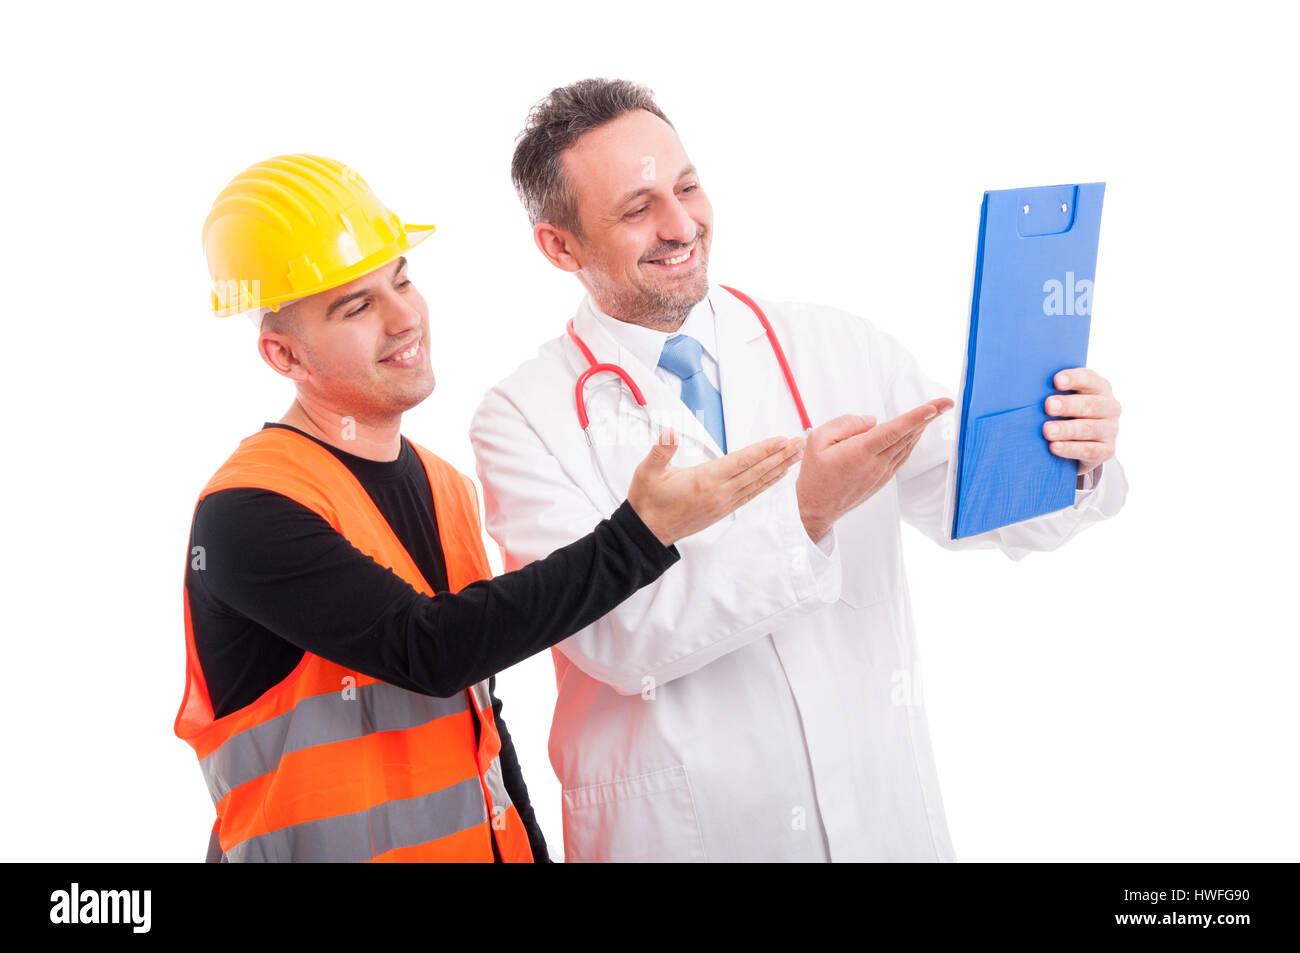 Médecin et constructeur montrant quelque chose sur le presse-papiers et smiling isolé sur fond blanc Photo Stock